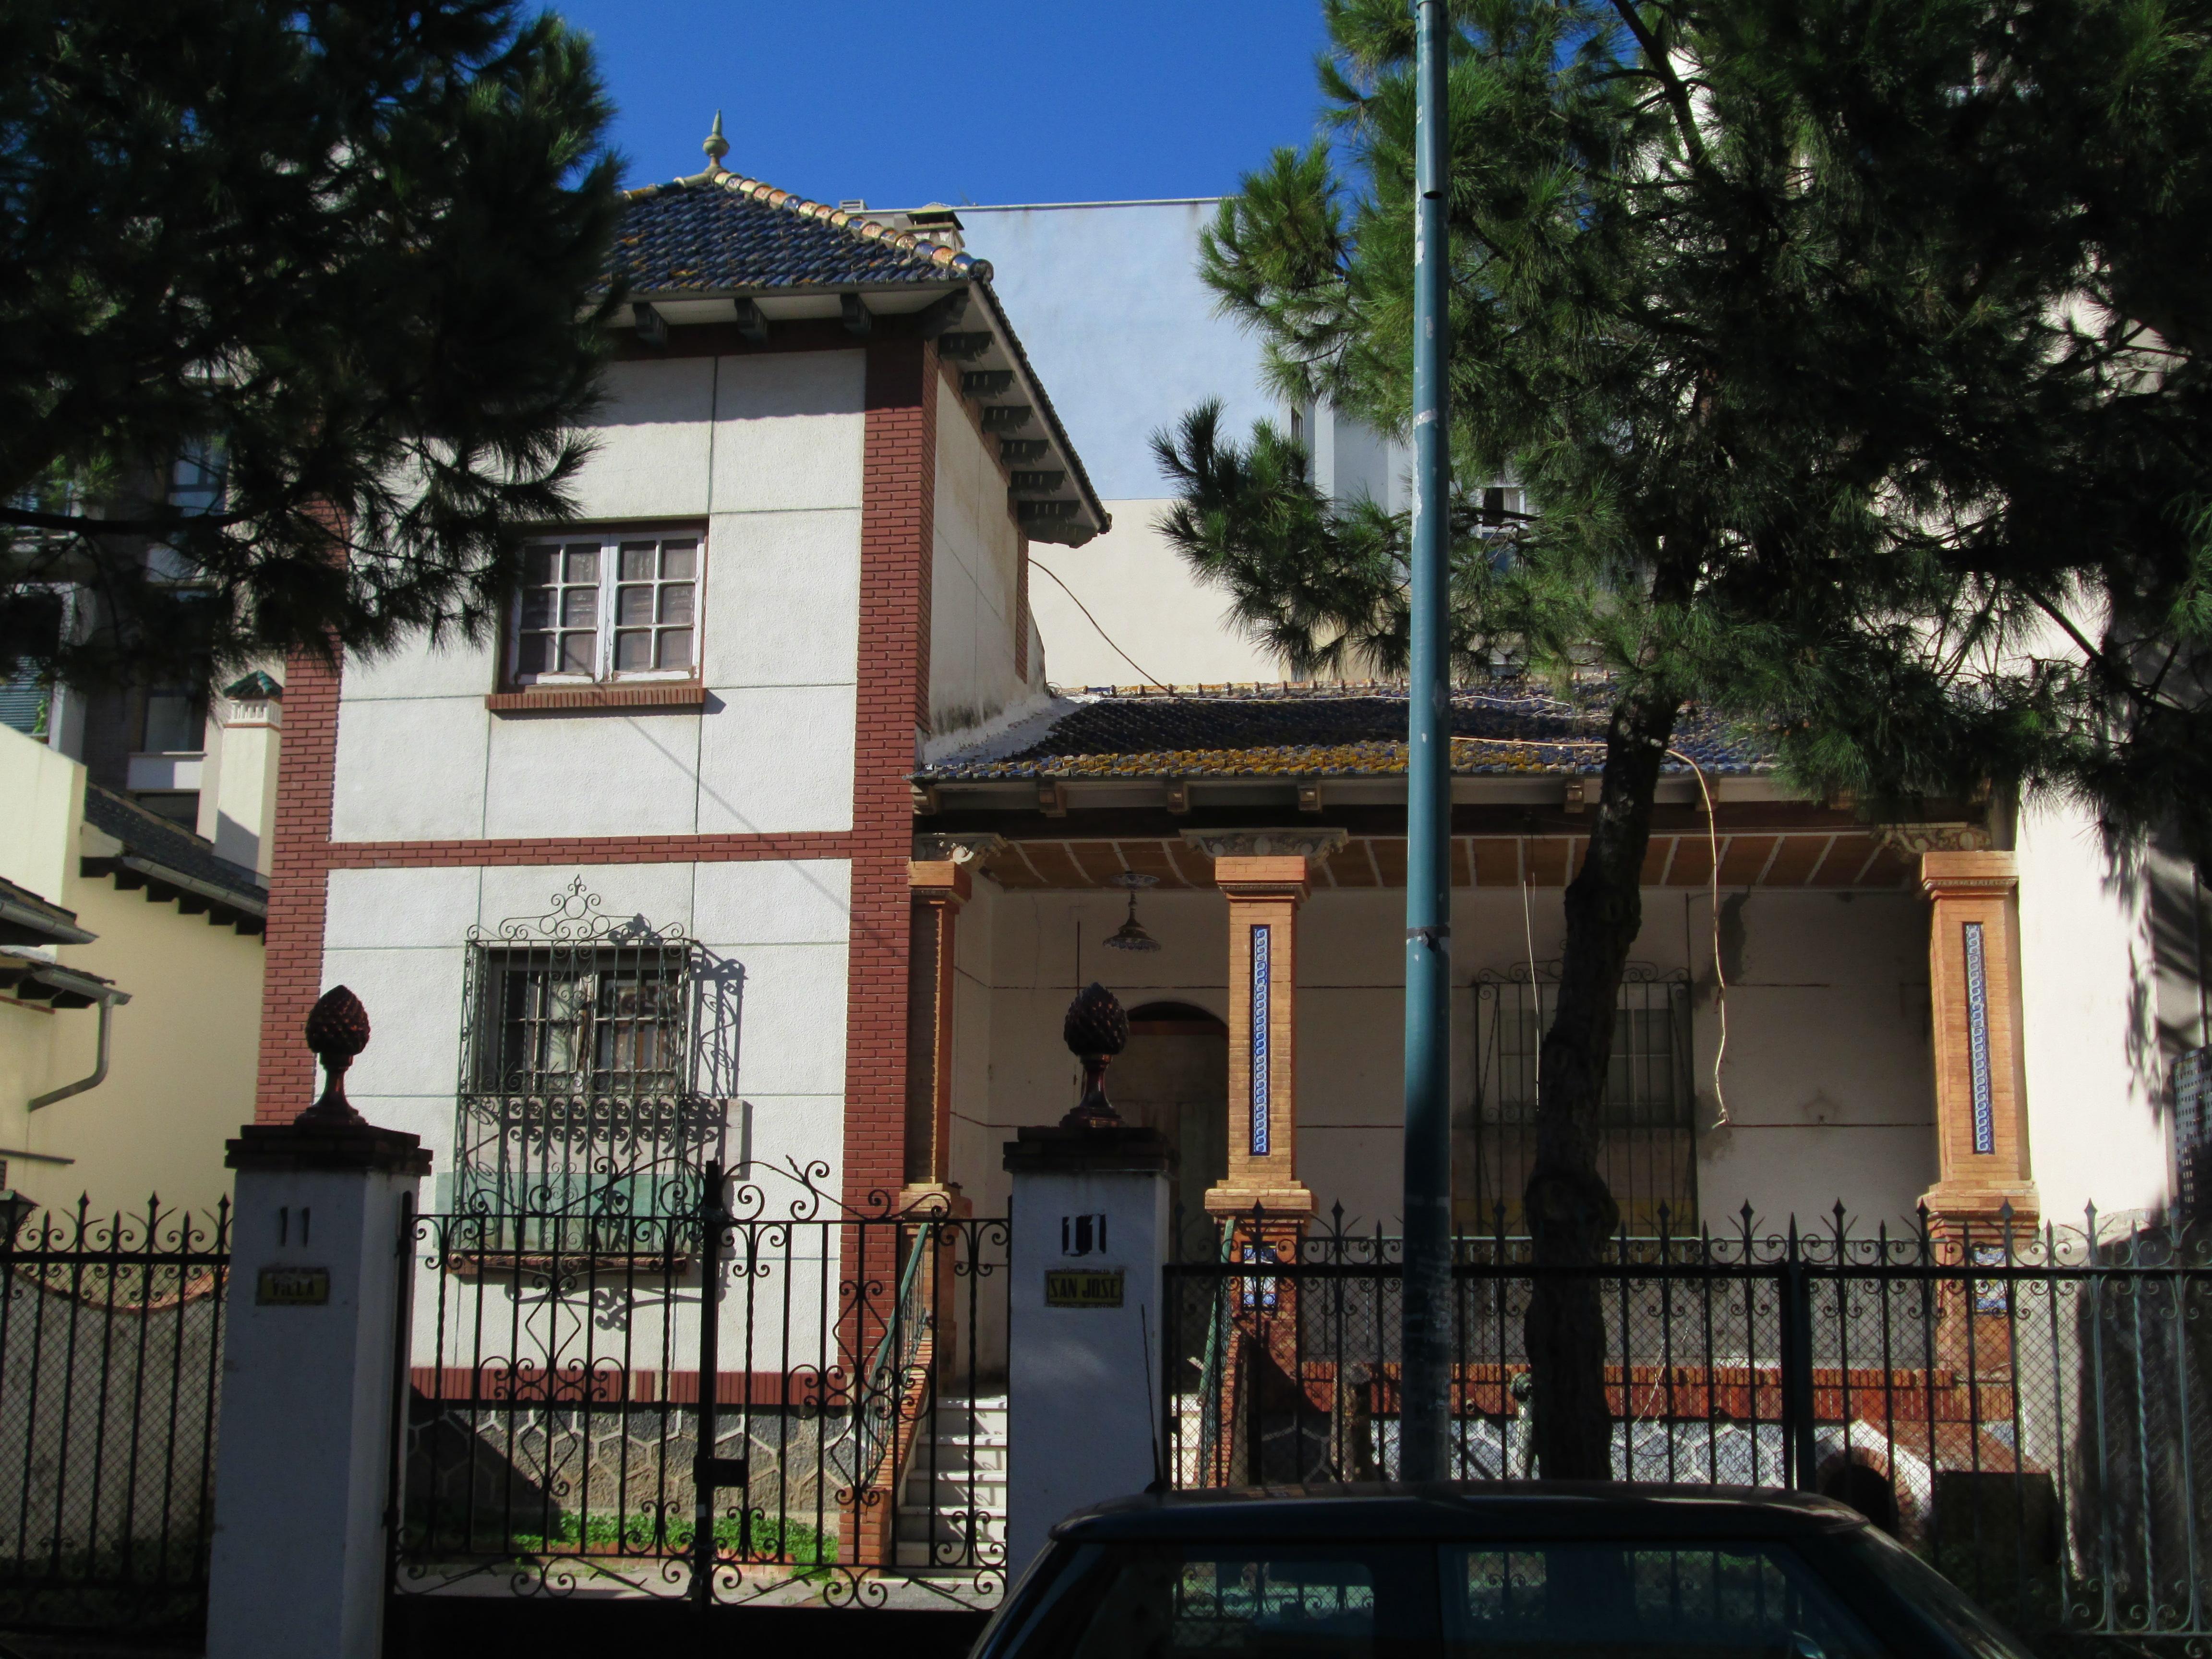 Direcciones a Calle Mendoza (Málaga) en transporte público